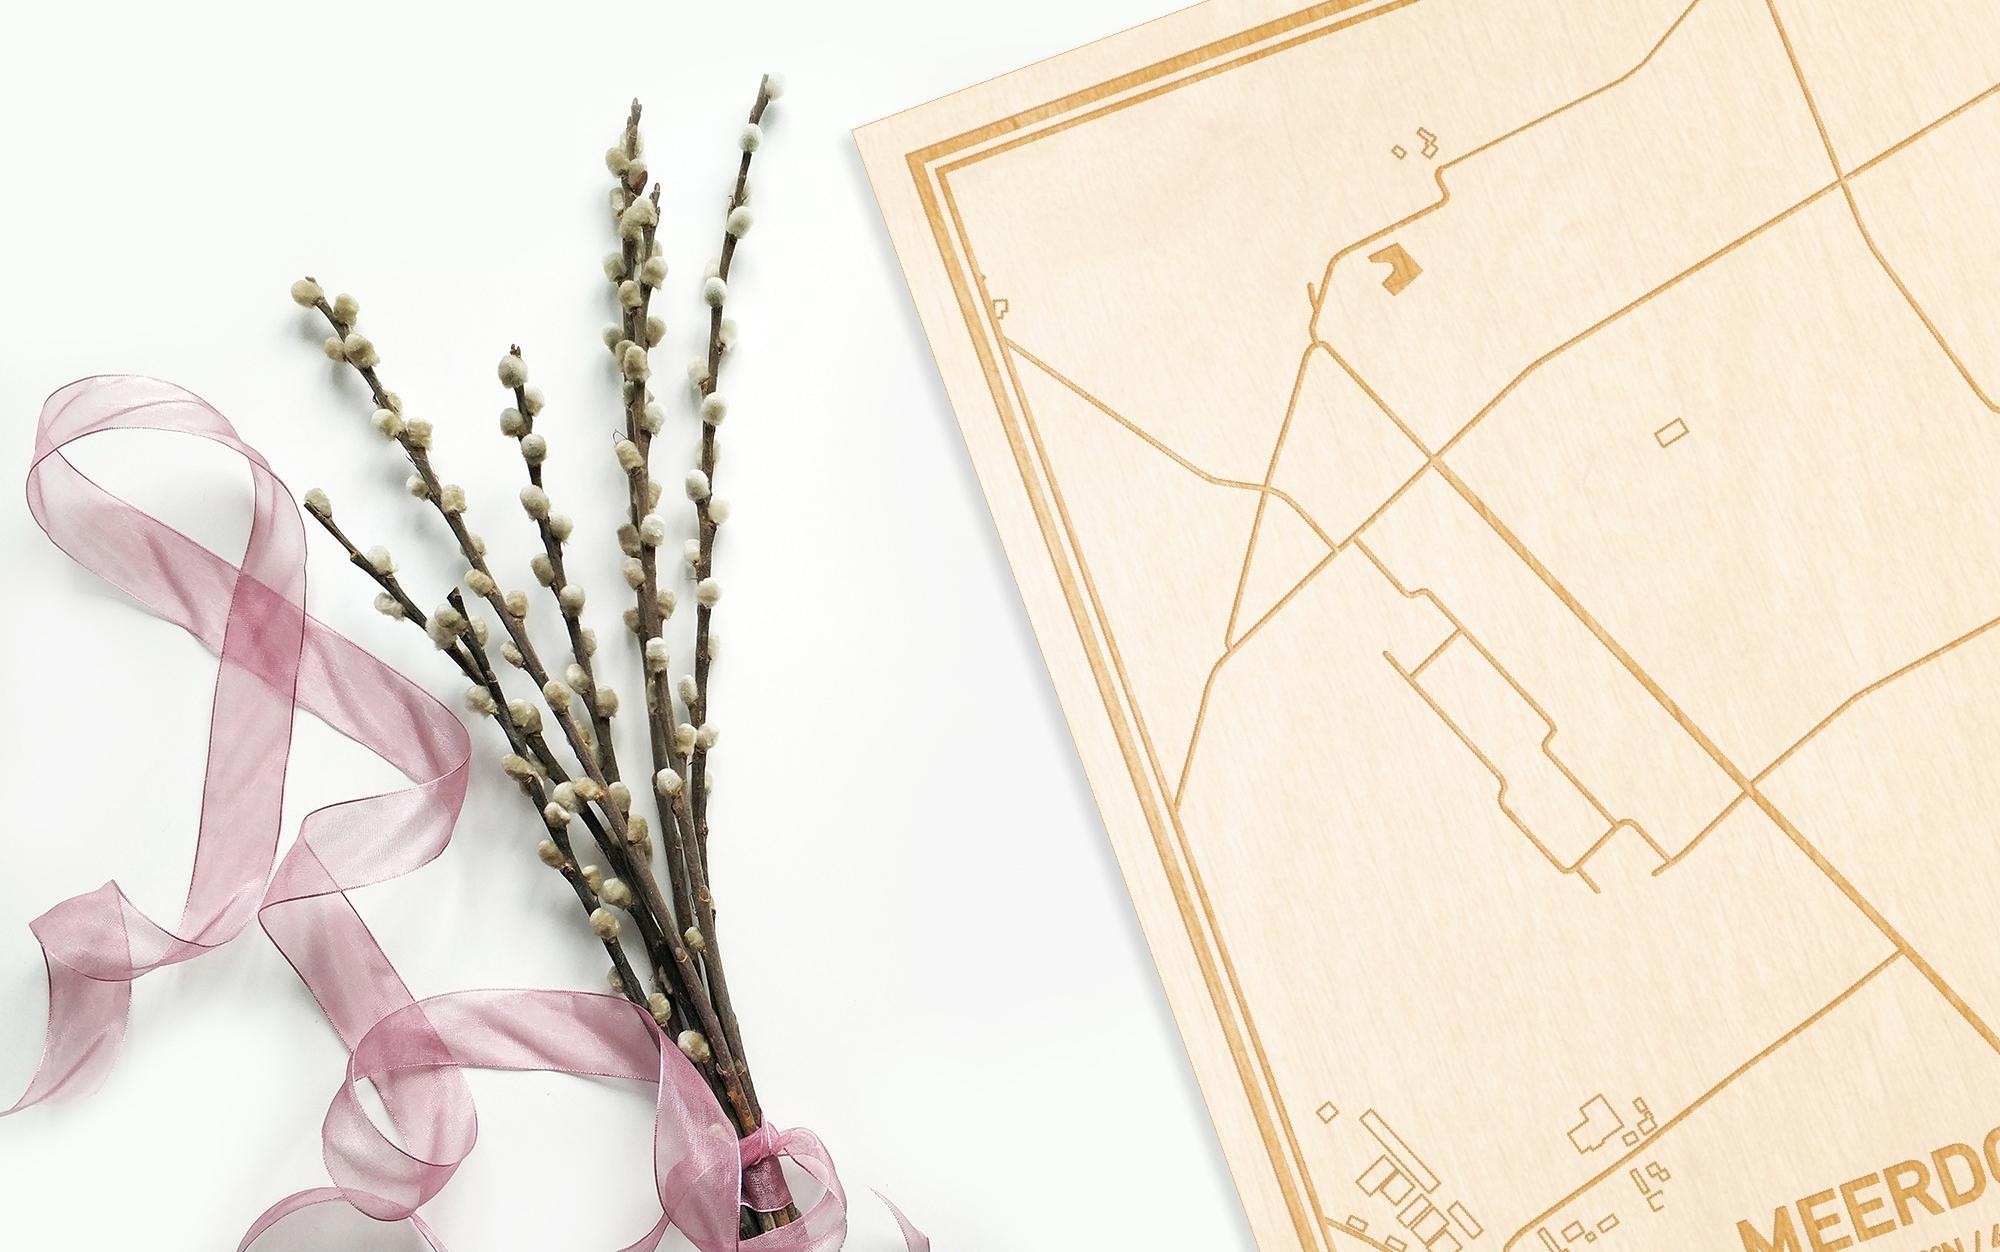 Hier ligt de houten plattegrond Meerdonk naast een bloemetje als gepersonaliseerd cadeau voor haar.